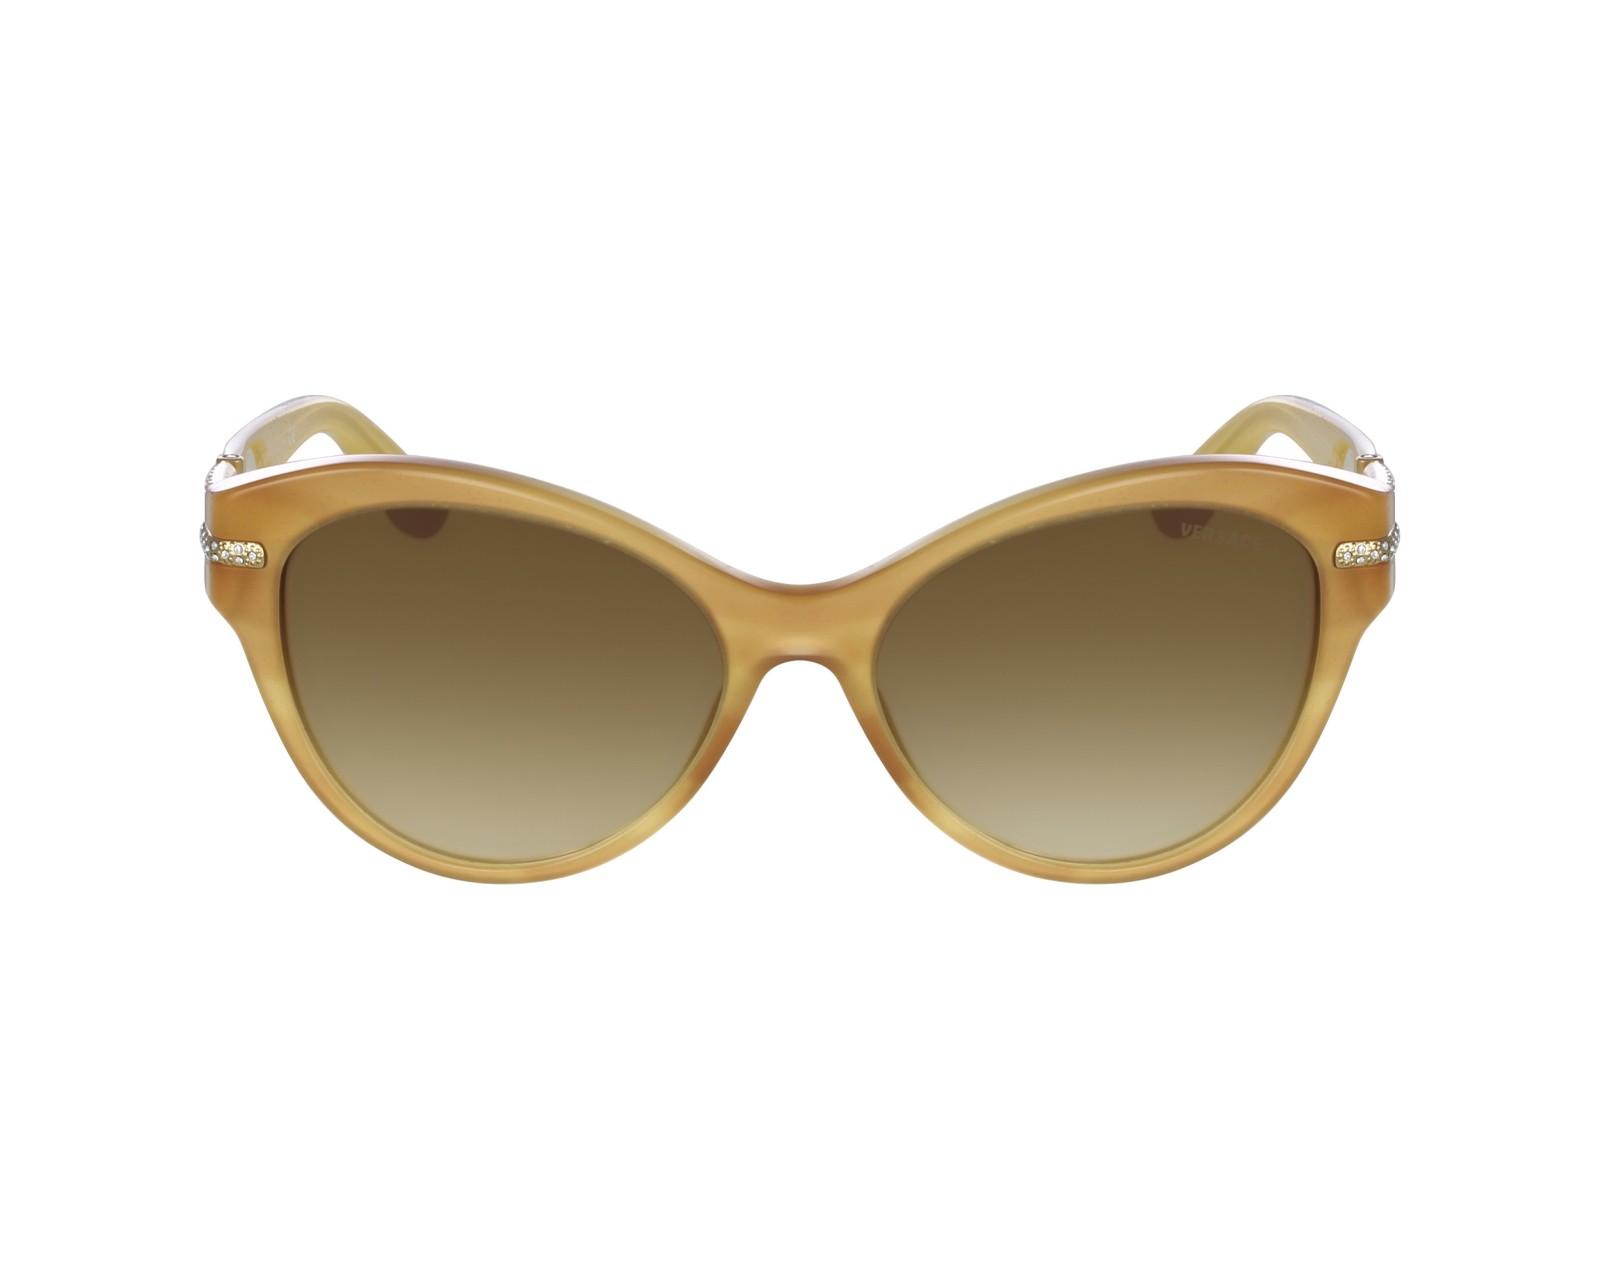 lunettes de soleil versace ve 4283 b 640 2l beige avec des verres marron. Black Bedroom Furniture Sets. Home Design Ideas